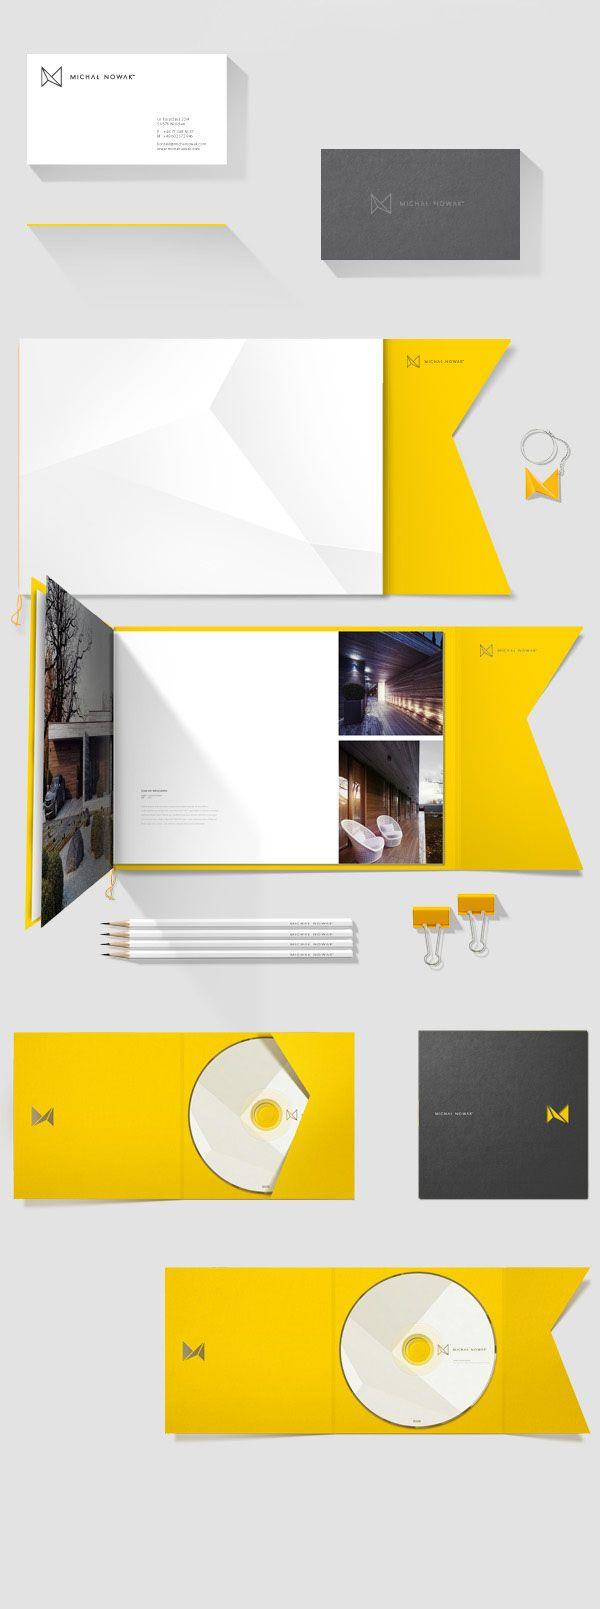 Michał Nowak - Visual Identity by Marcin Przybys by Ania Szerszen #ResponsiveDesign #Responsive #Design #WebDesign #UI #UX #GUI #Brand #marketing